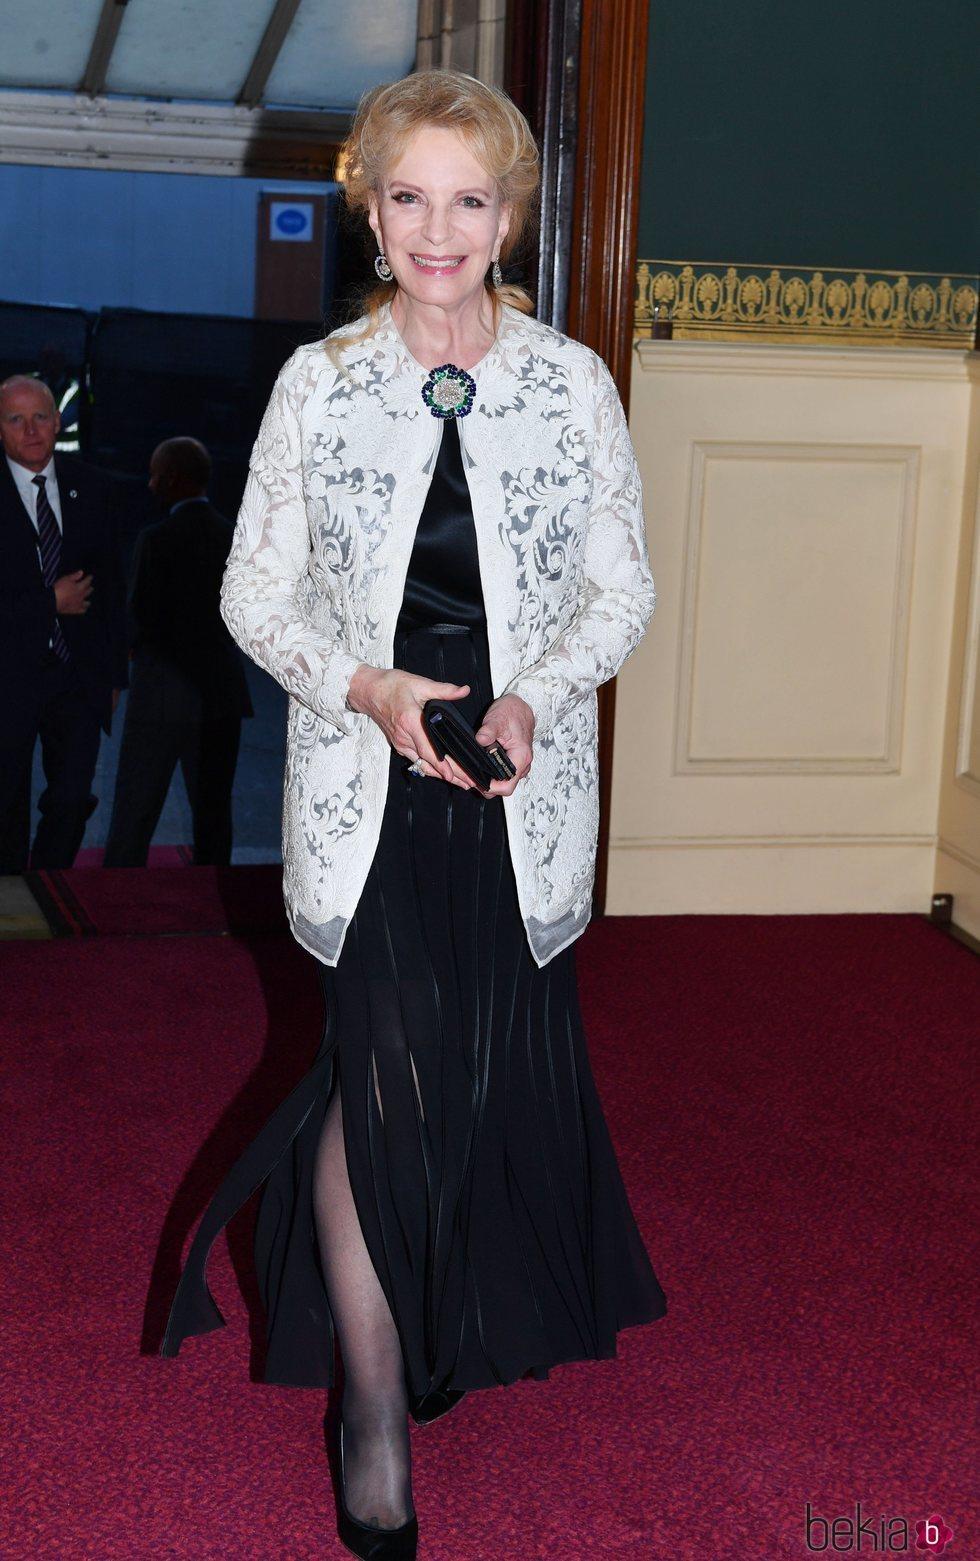 La Princesa Michael de Kent en el concierto del 92 cumpleaños de la Reina